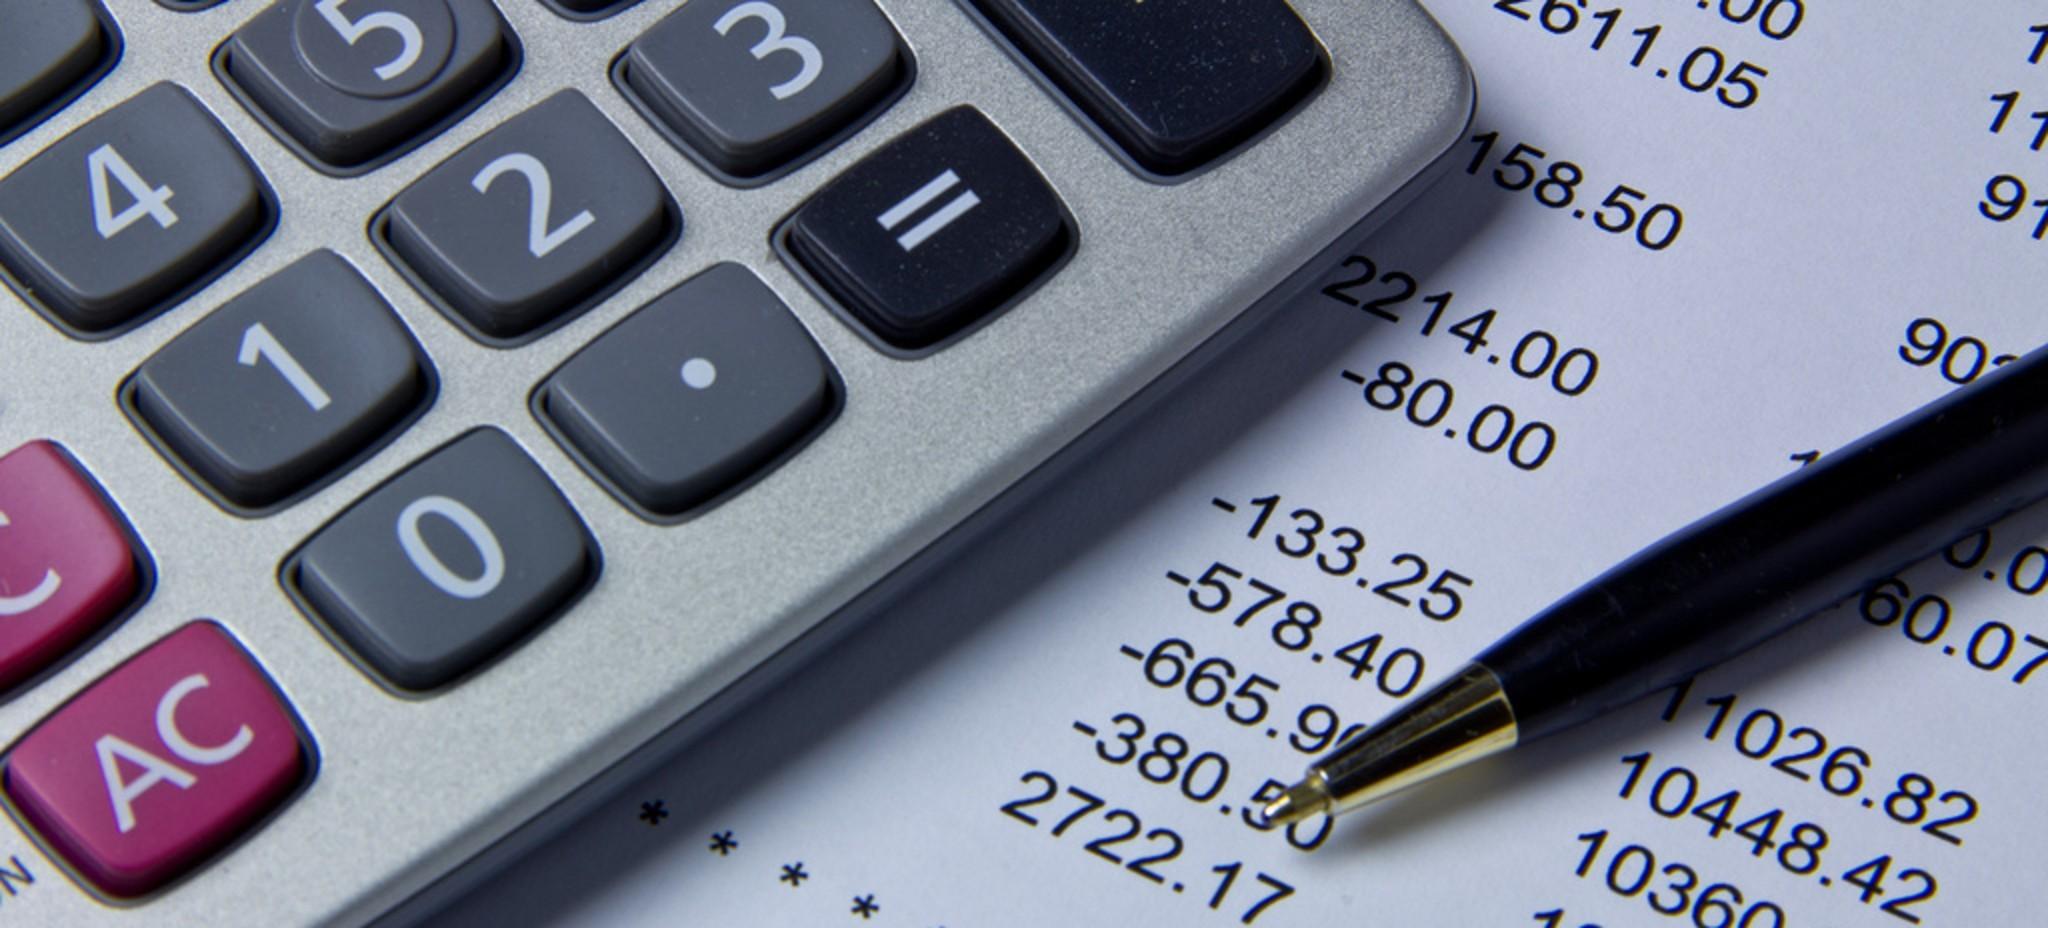 電商財務虧損連連?經營者了解開店成本也要懂預算控管